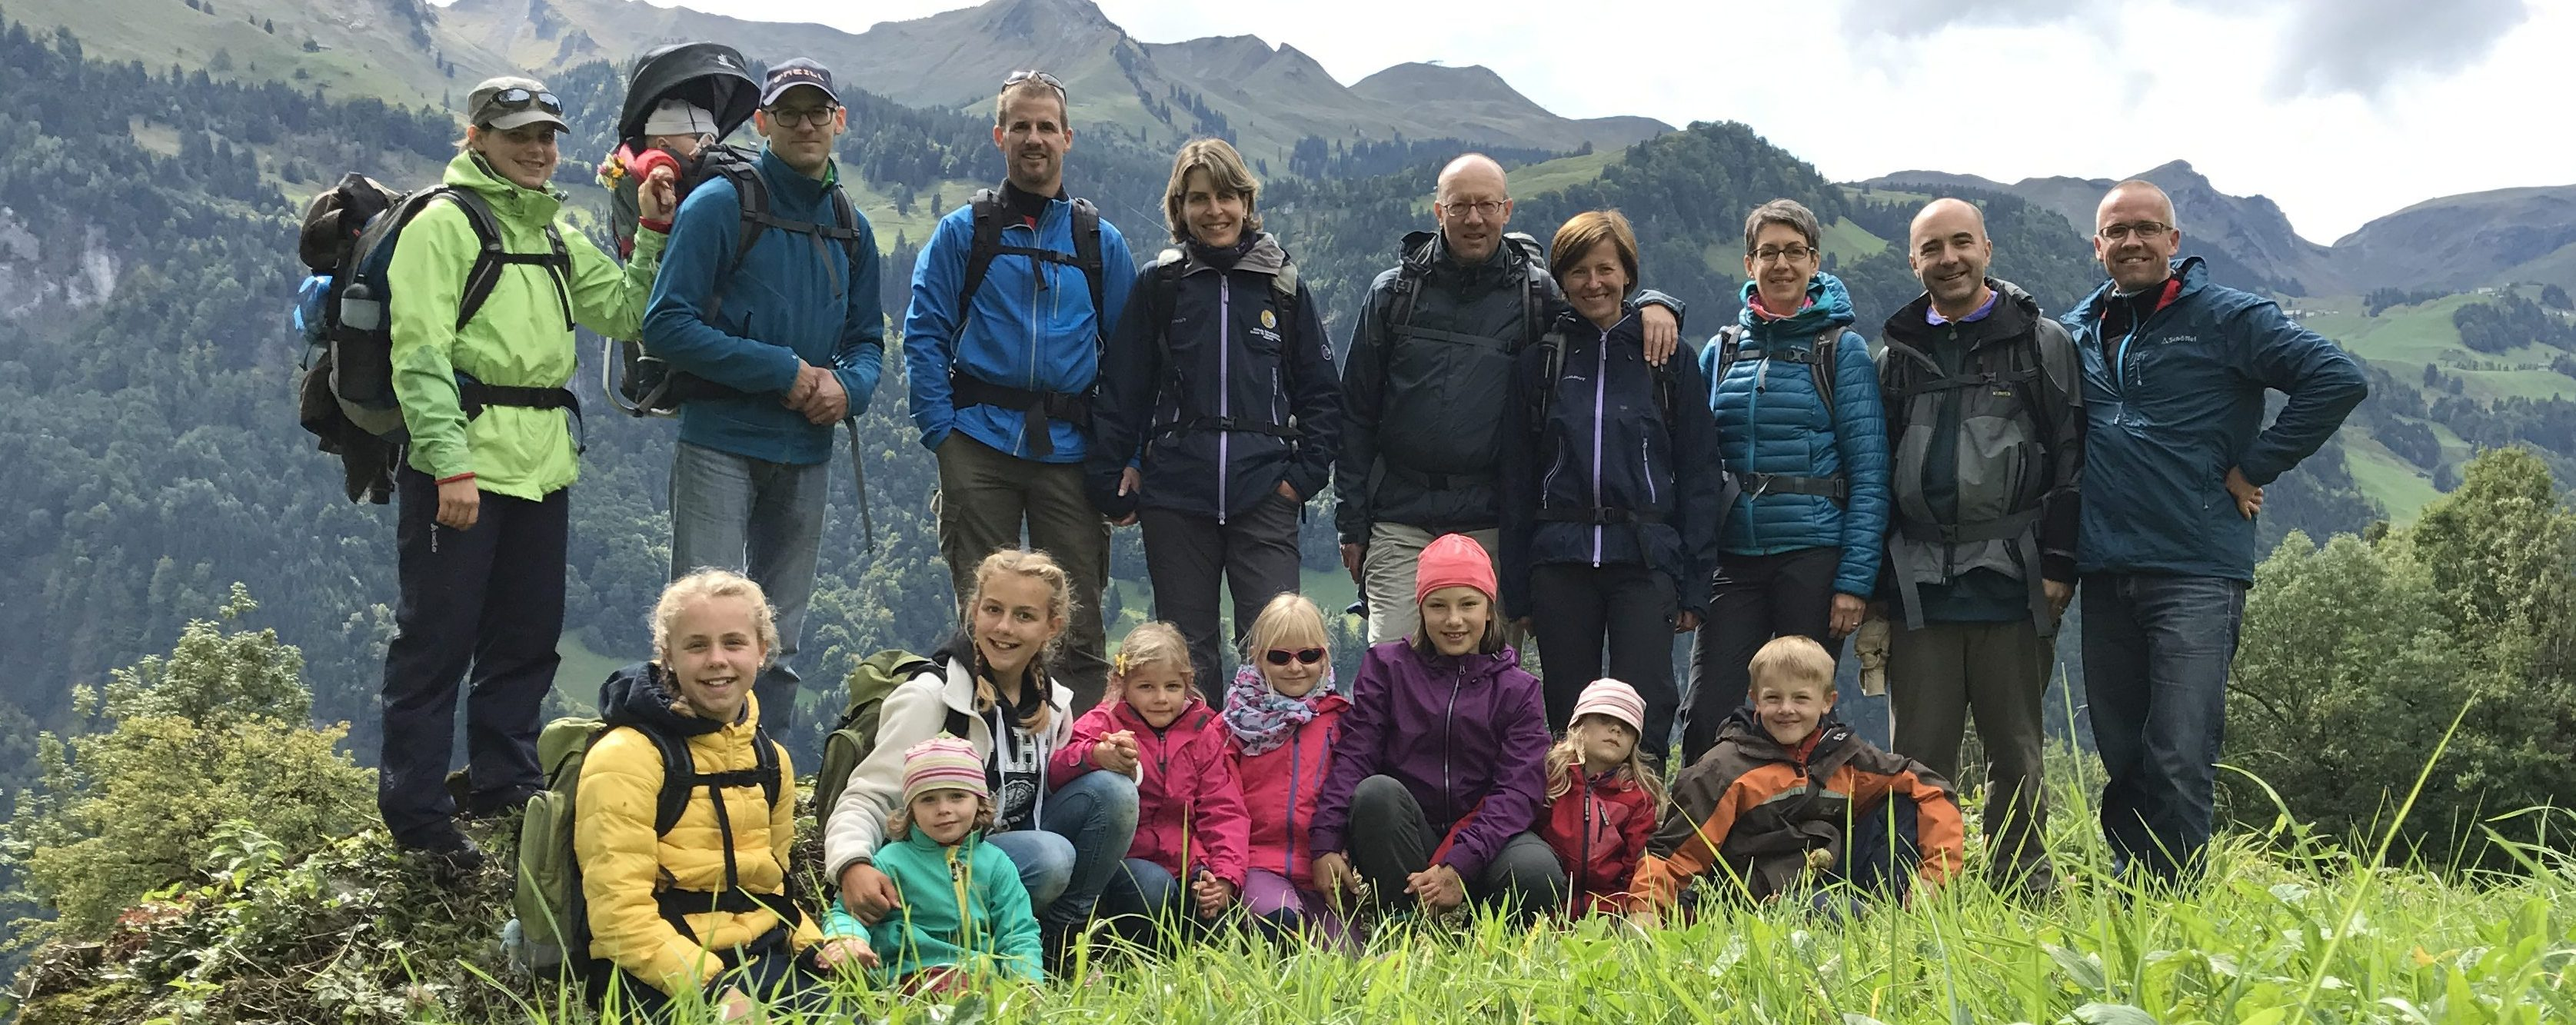 Gruss vom Oberberg